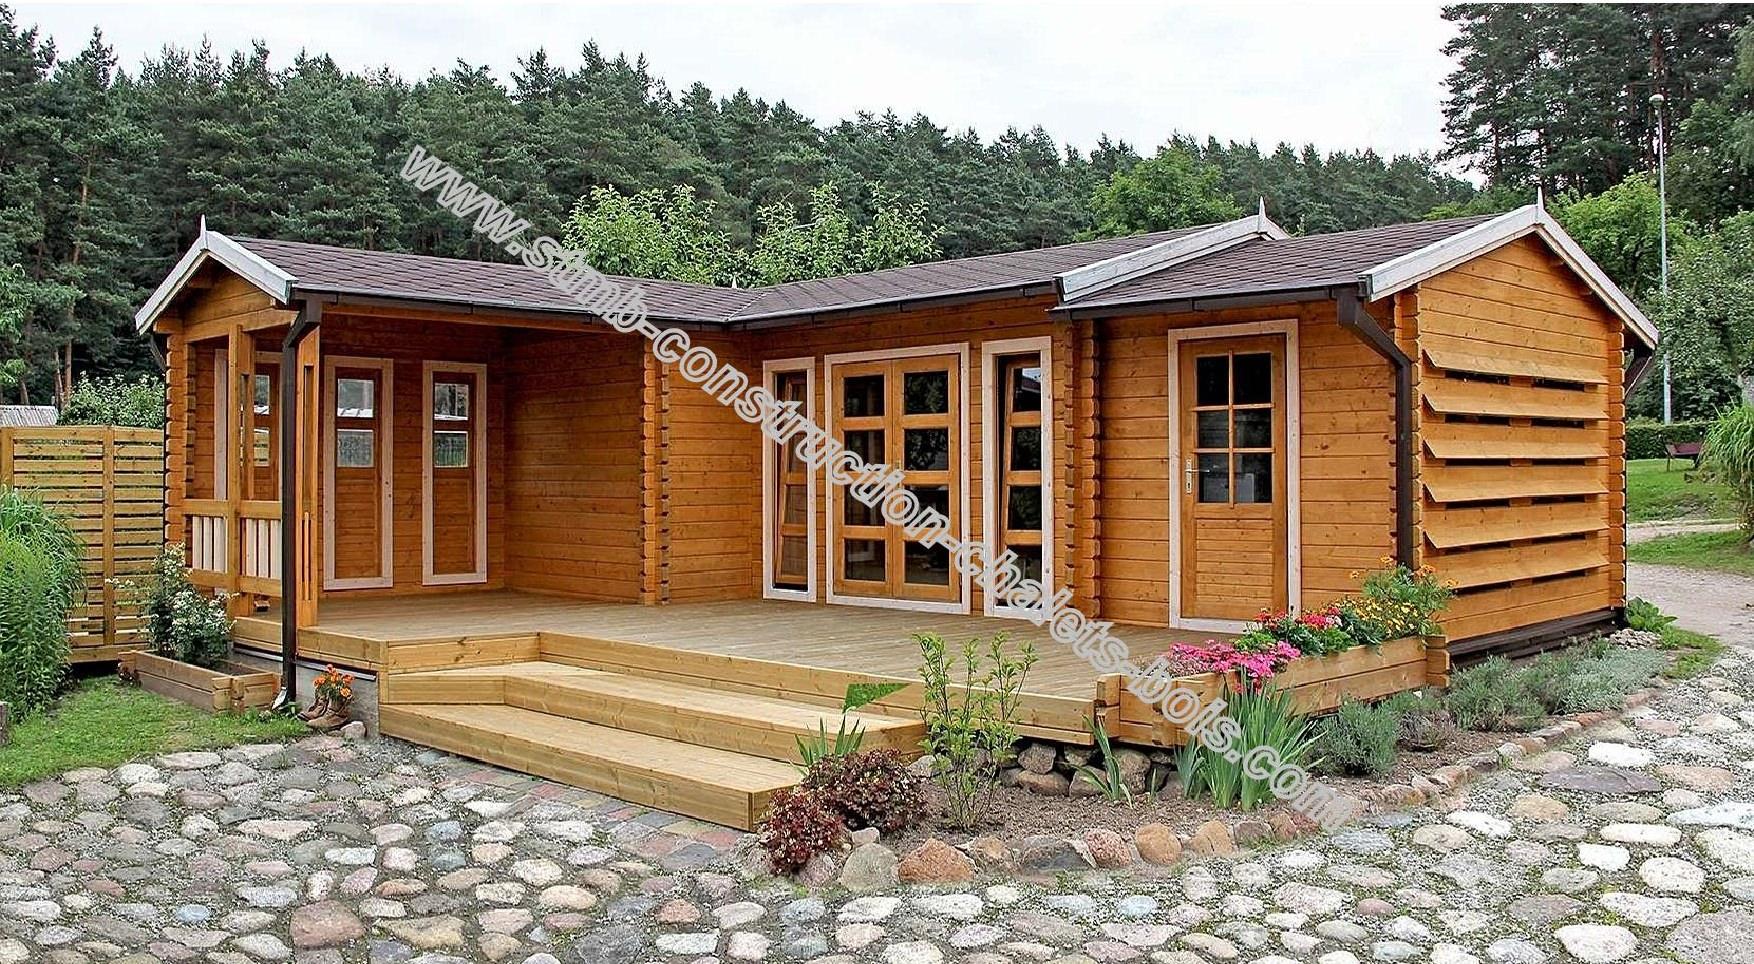 Maison En Bois En Kit 70M2 - Le Meilleur Des Maisons Bois En ... avec Chalet En Kit Bois